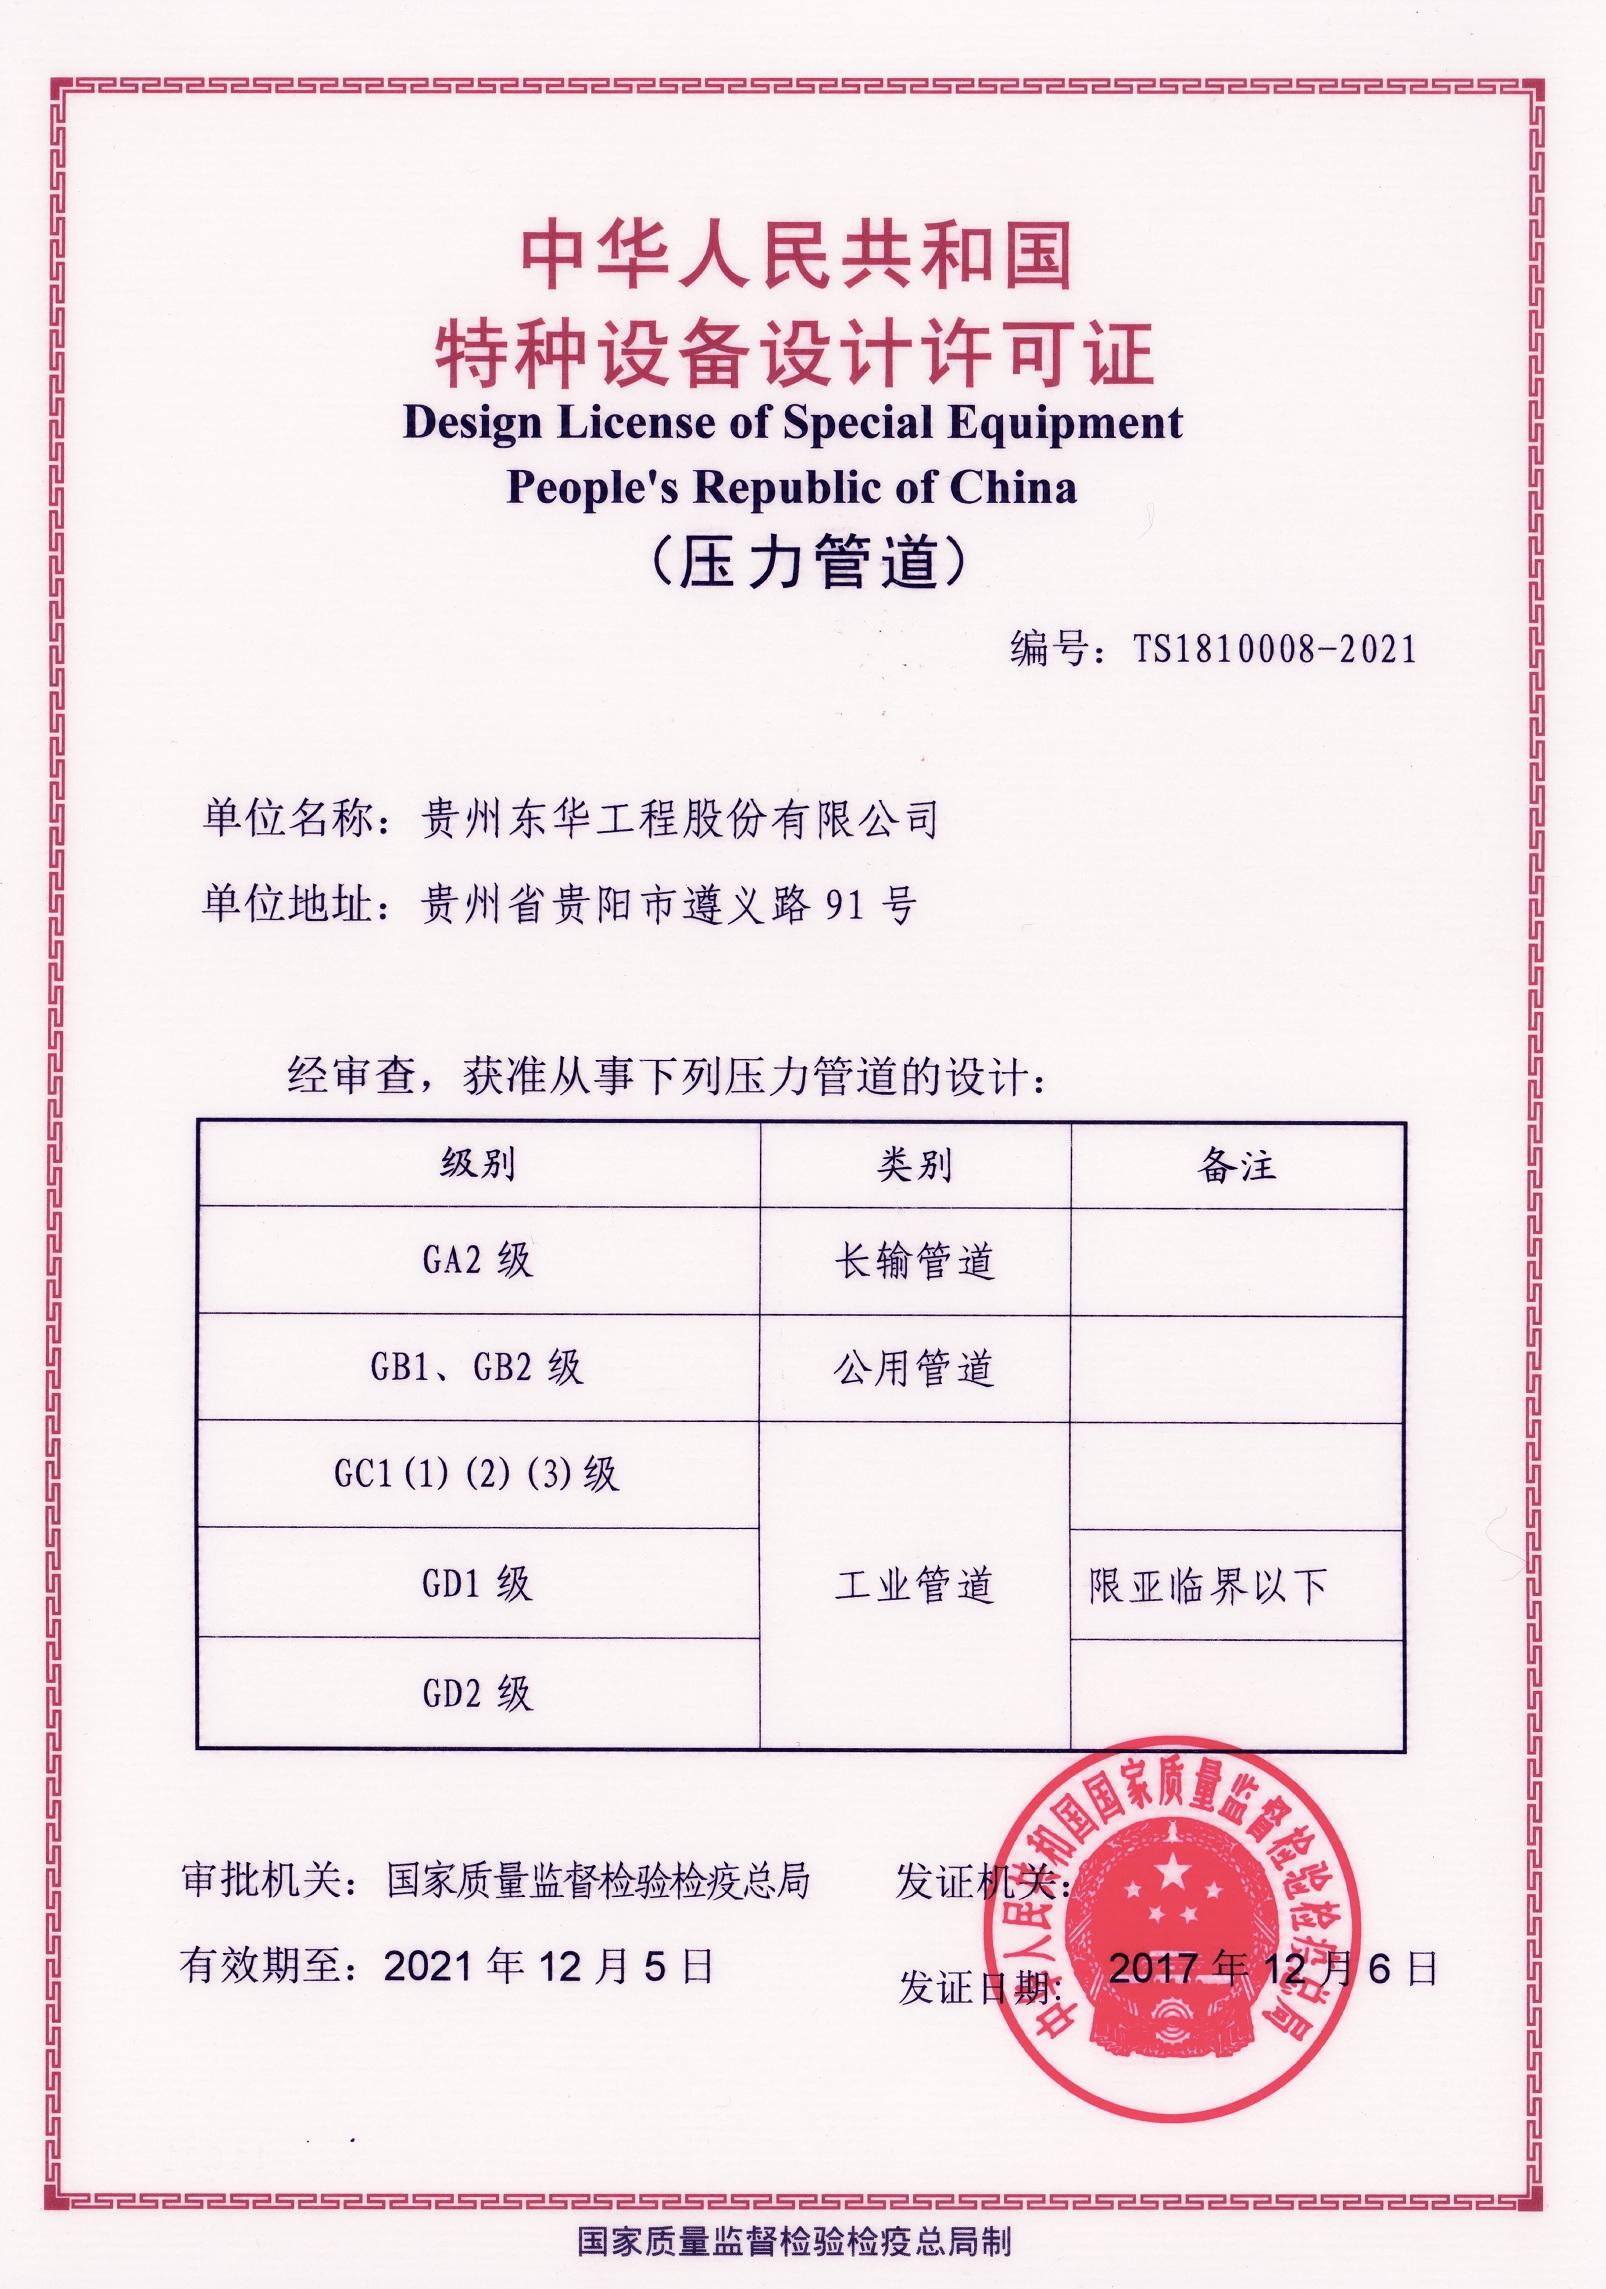 壓力管道設計許可證